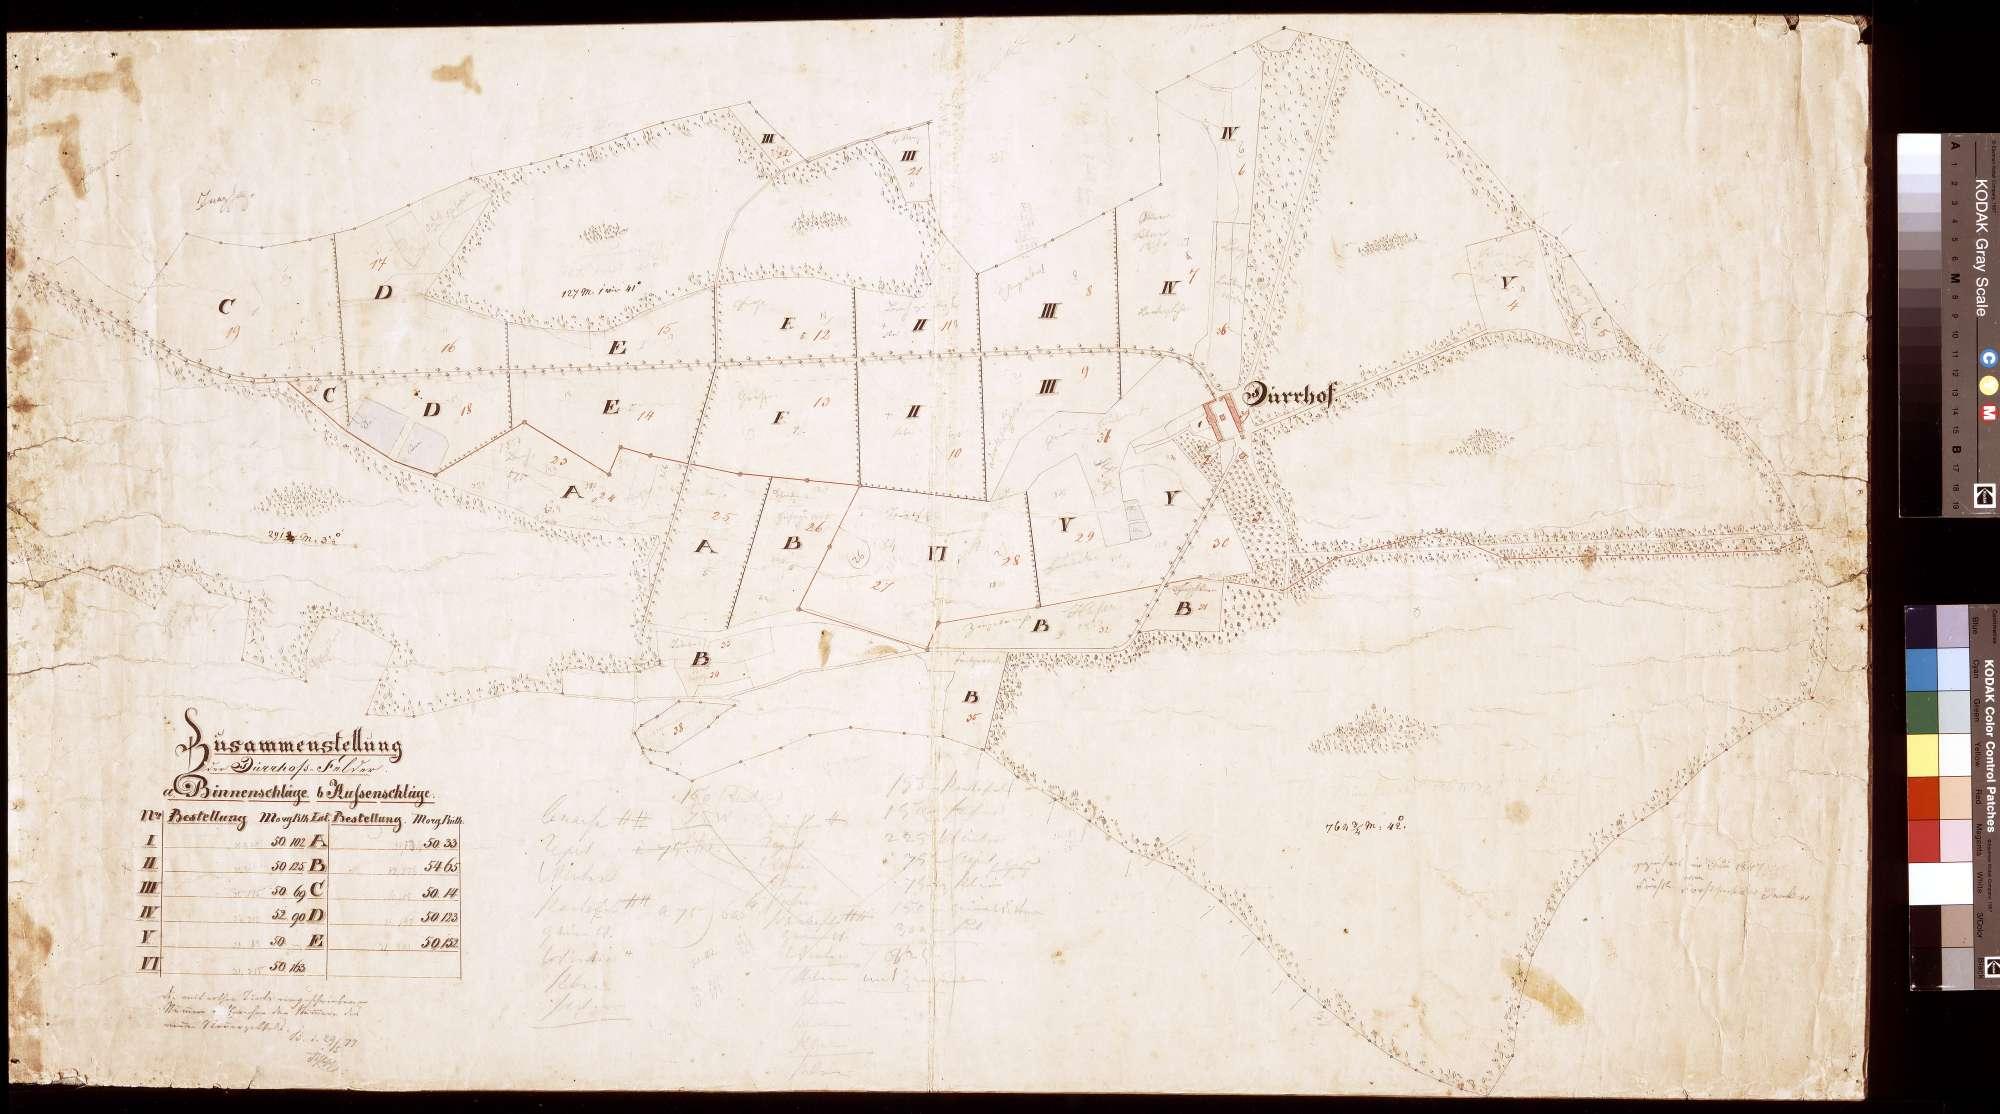 Zusammenstellung der Dürrhofs-Felder (Inselkarte), Bild 1